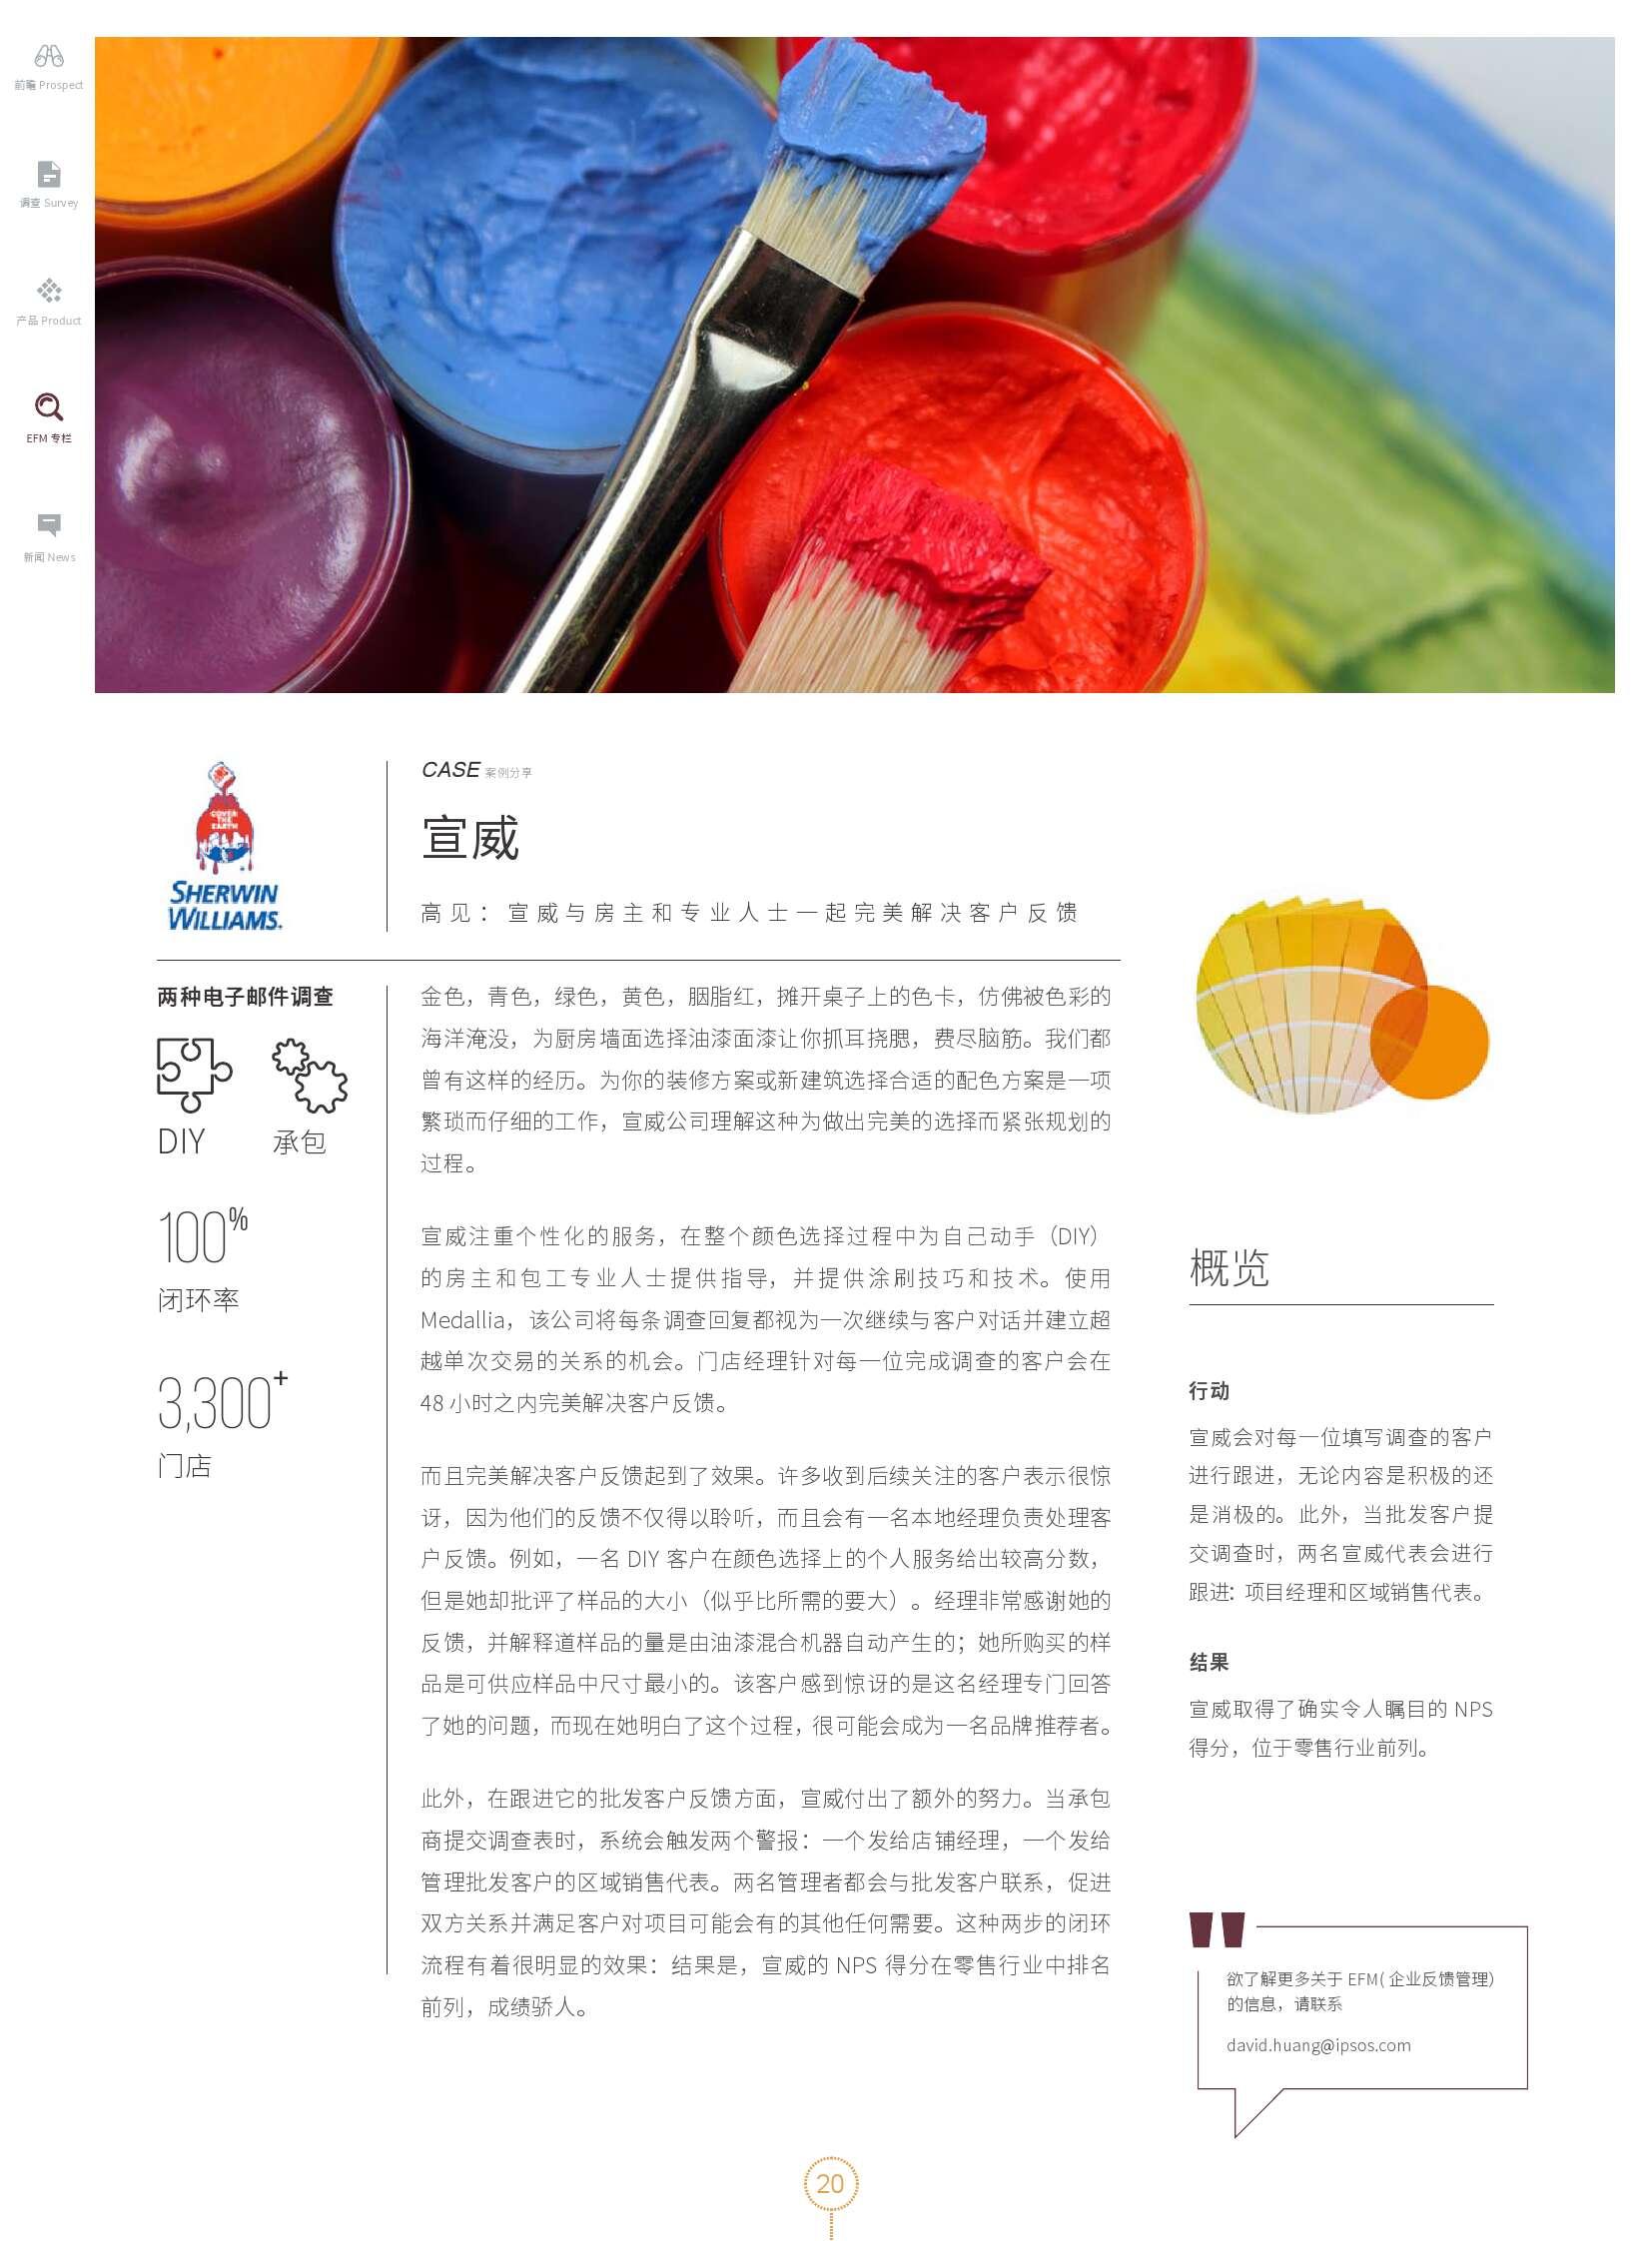 2016中国食品&饮料趋势及消费者洞察_000021